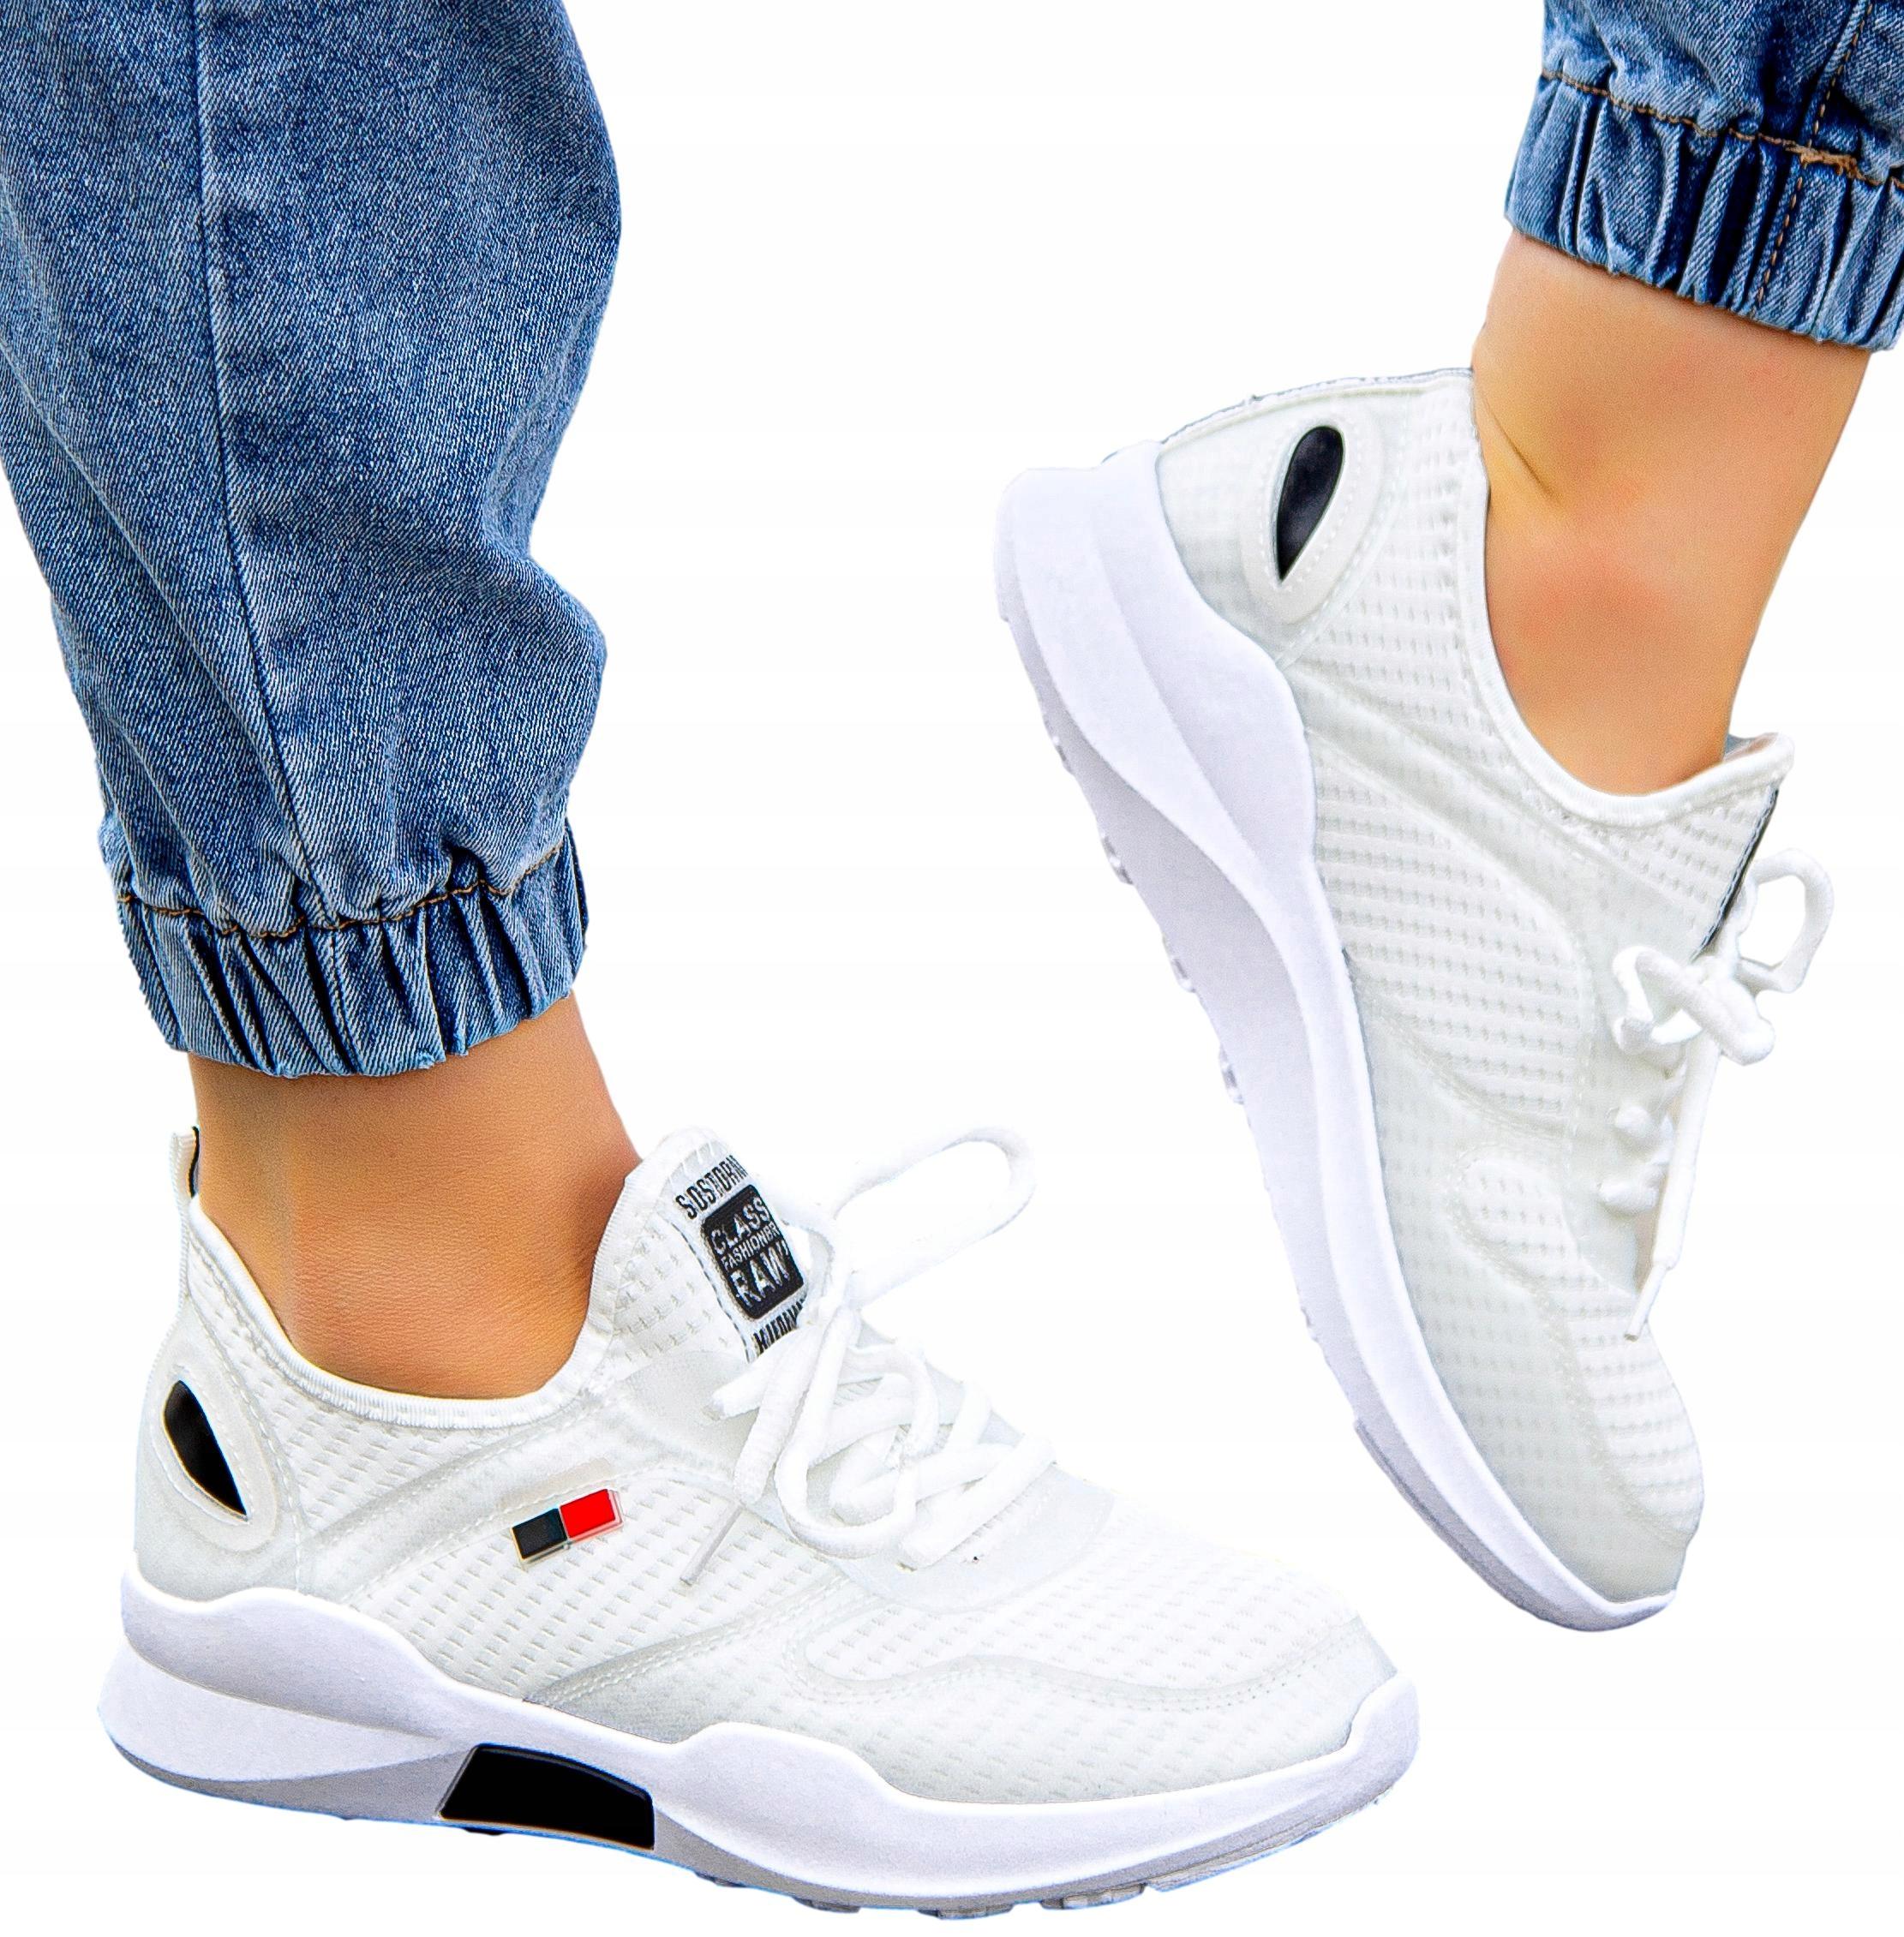 Białe adidasy damskie buty sportowe do biegania 41